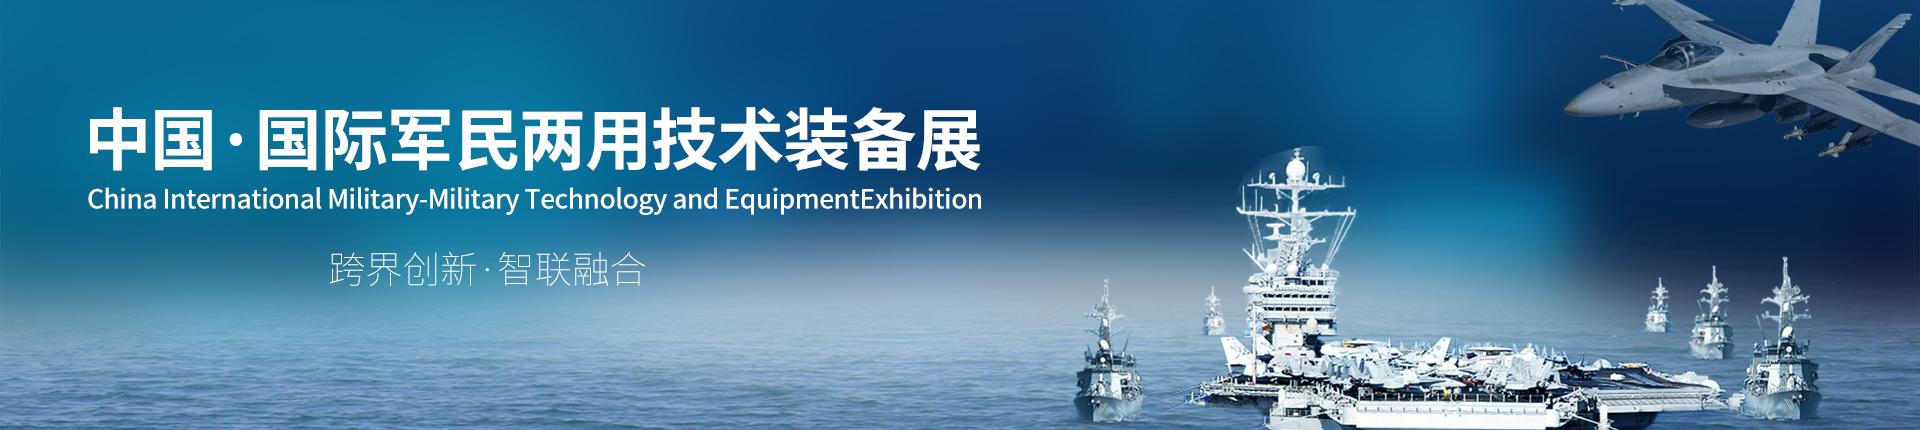 云展·中国国际军民两用技术装备展